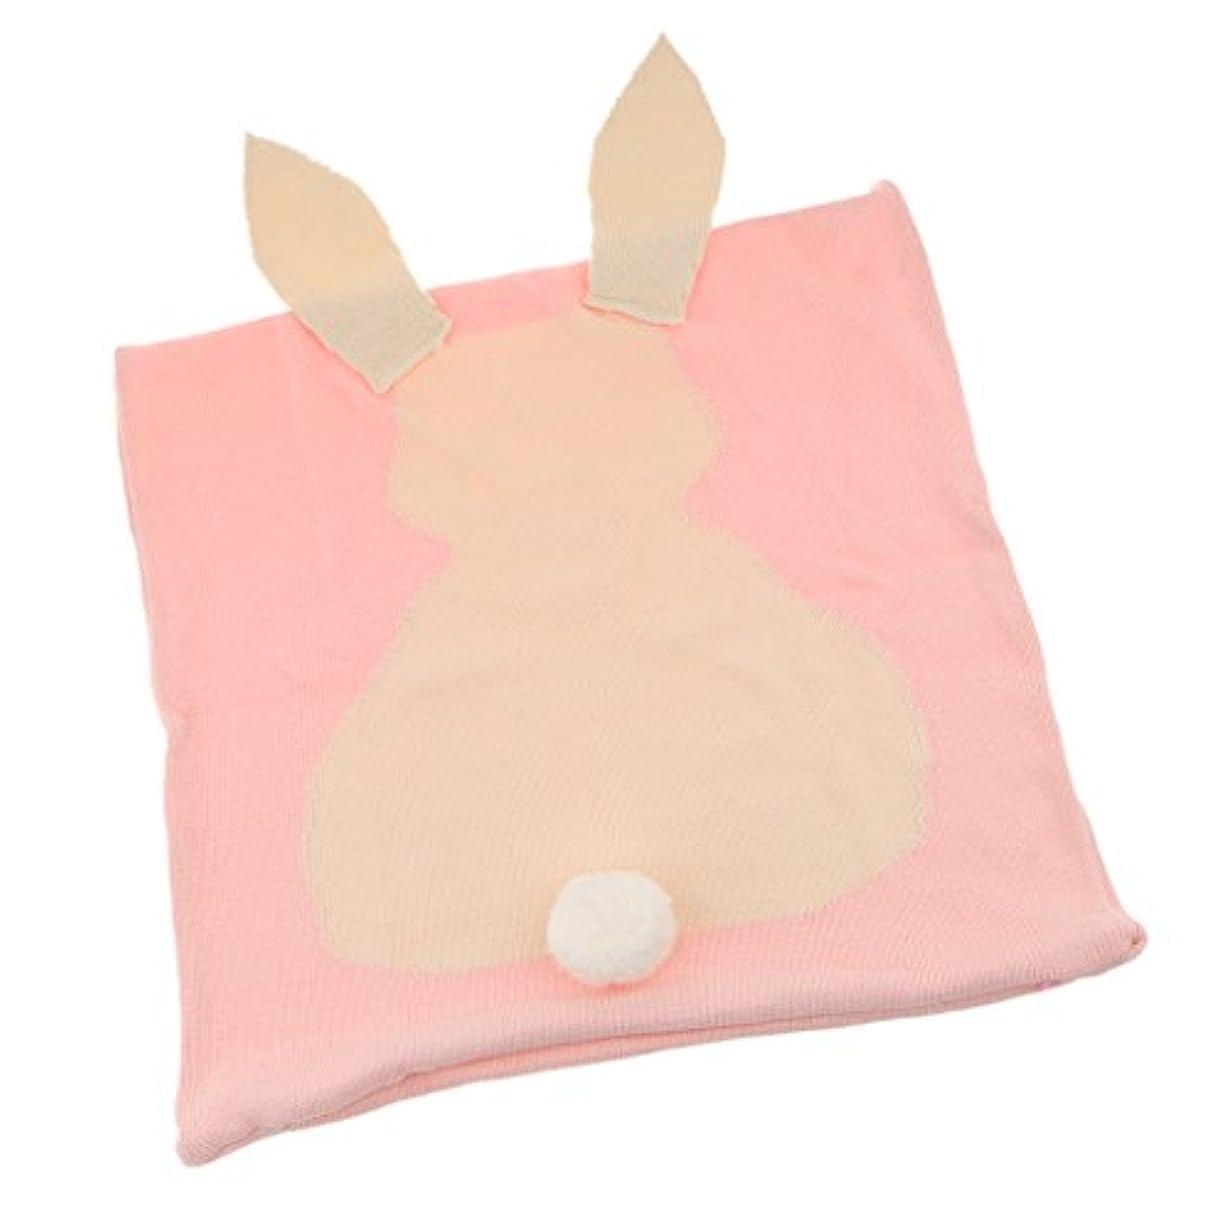 気晴らし根拠輸送綿 ニット 癒し ウサギ ピローケース ソファ ベッド クッション カバー 枕カバー - ピンク